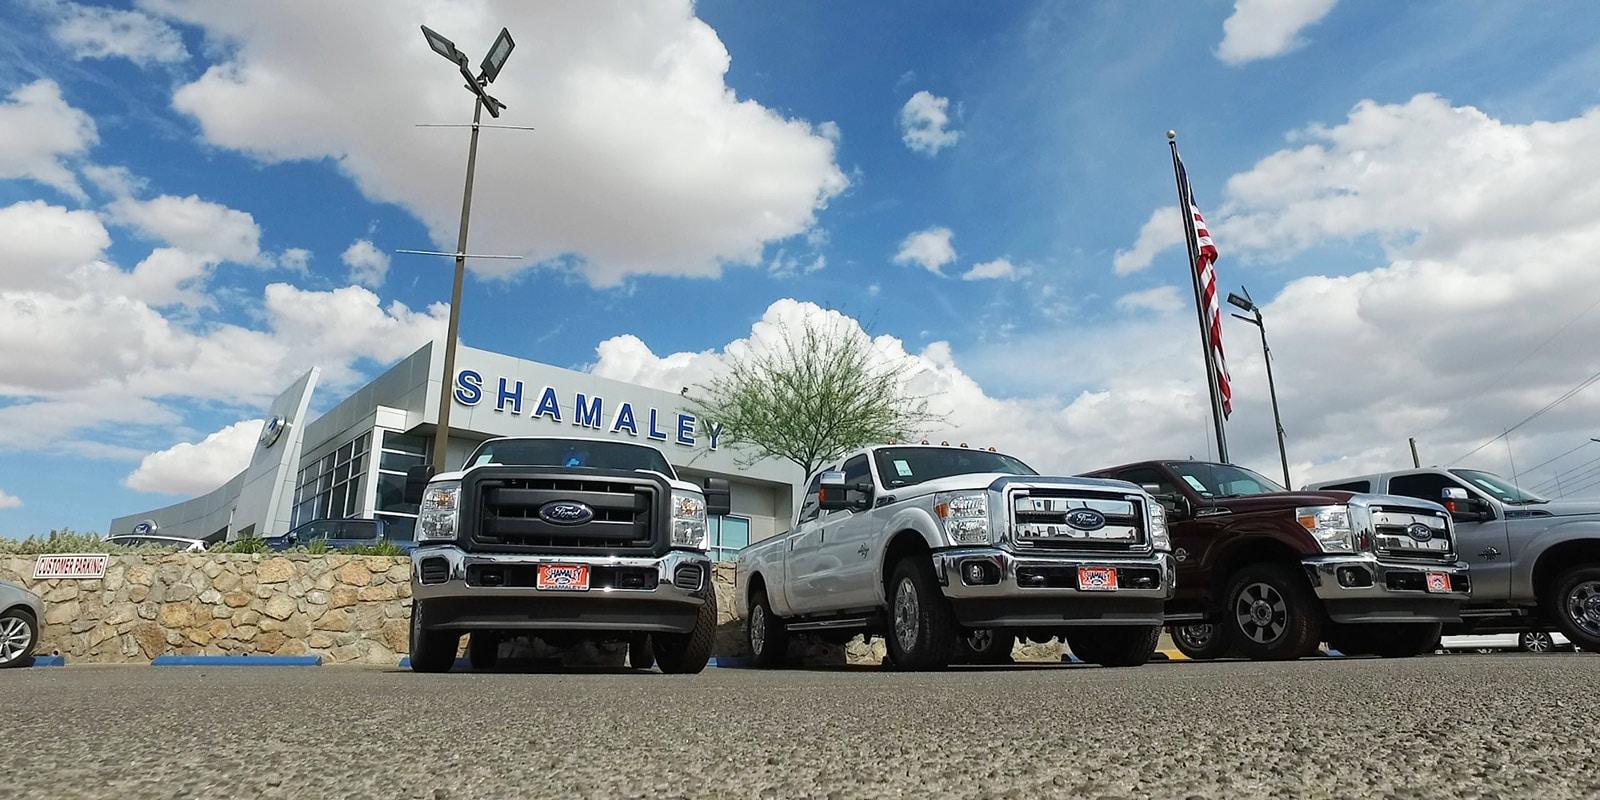 Shamaley Ford | El Paso Car U0026 Truck Dealership Near Me